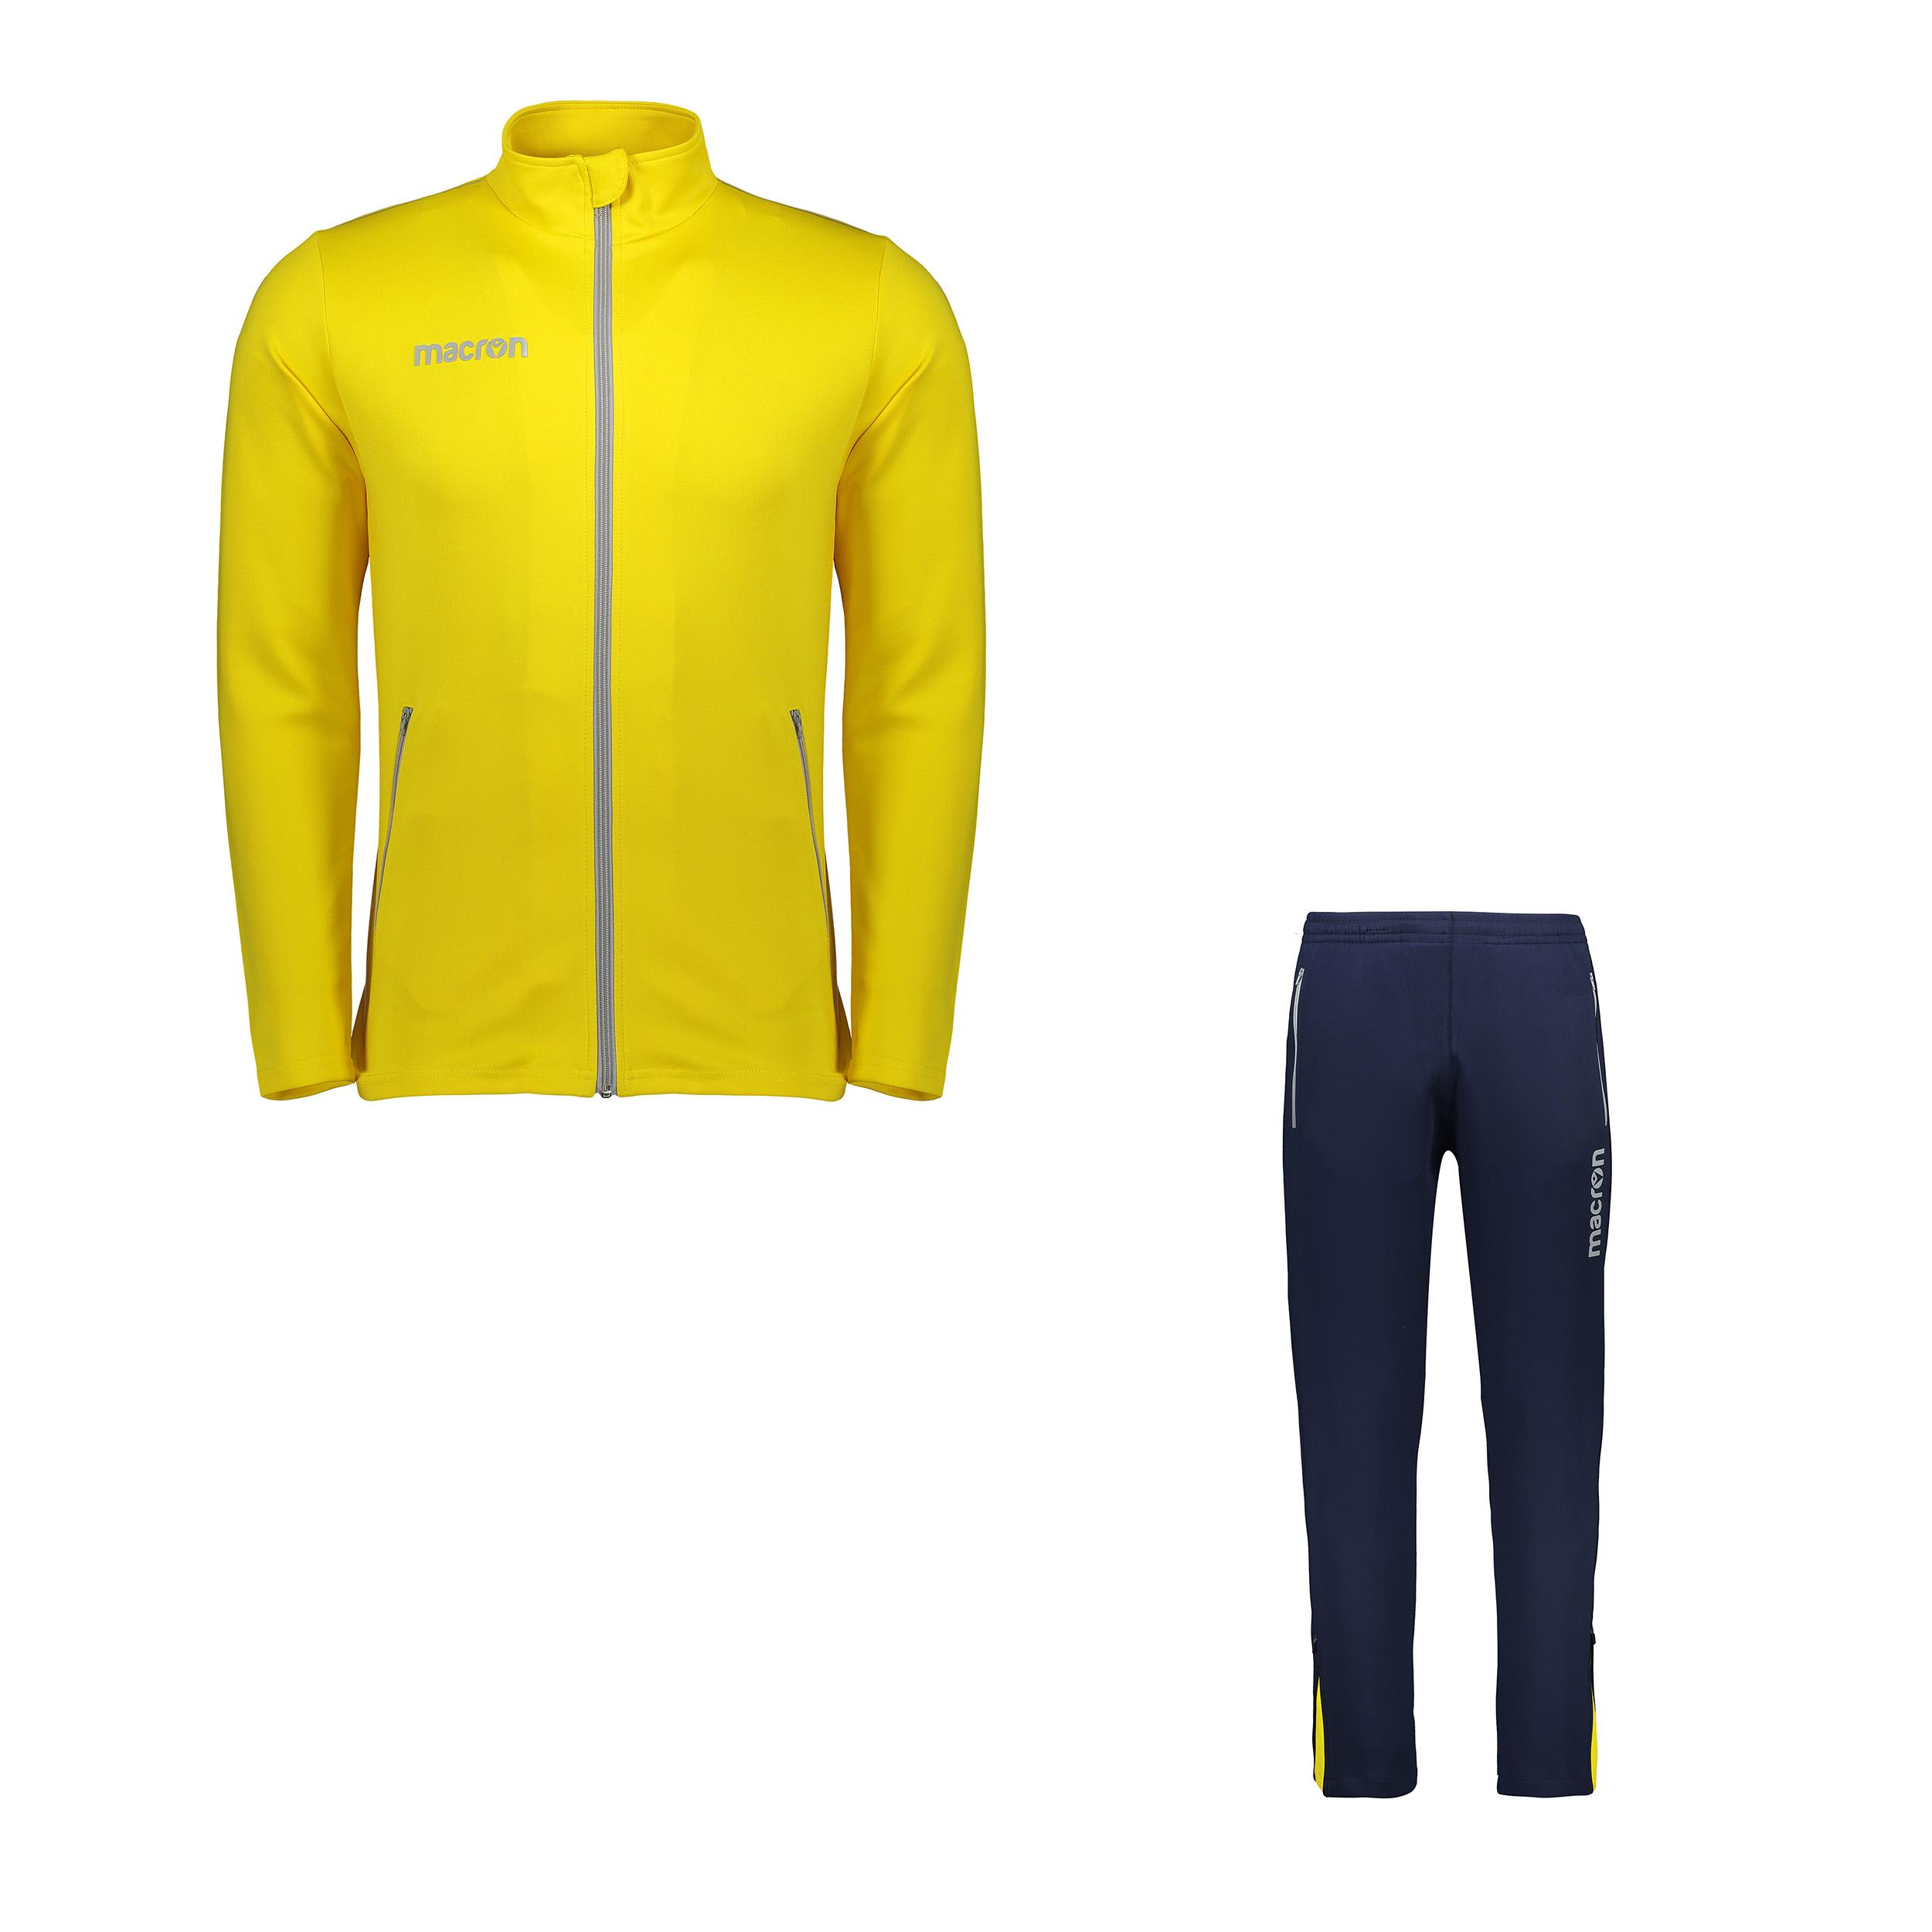 خرید                     ست سویشرت و شلوار ورزشی مردانه مکرون مدل نمسیس رنگ زرد